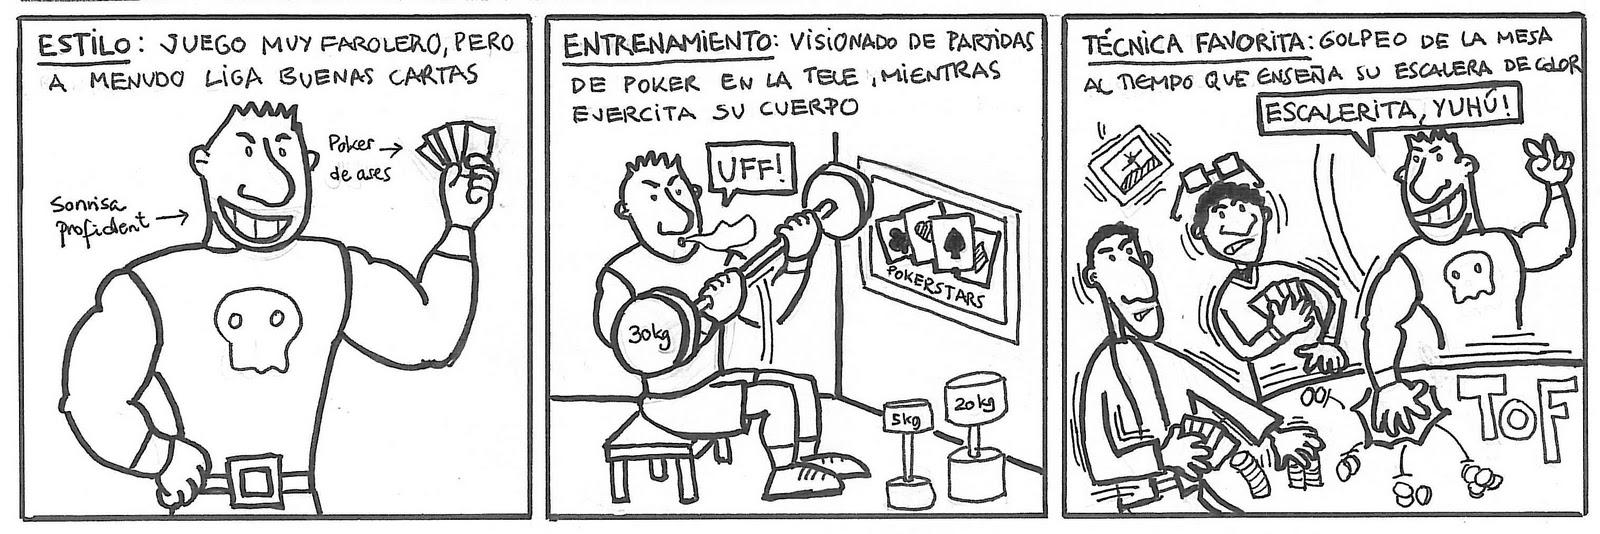 drfrikicomics: Guía de dibujo de cómics Cap.3: El cómic